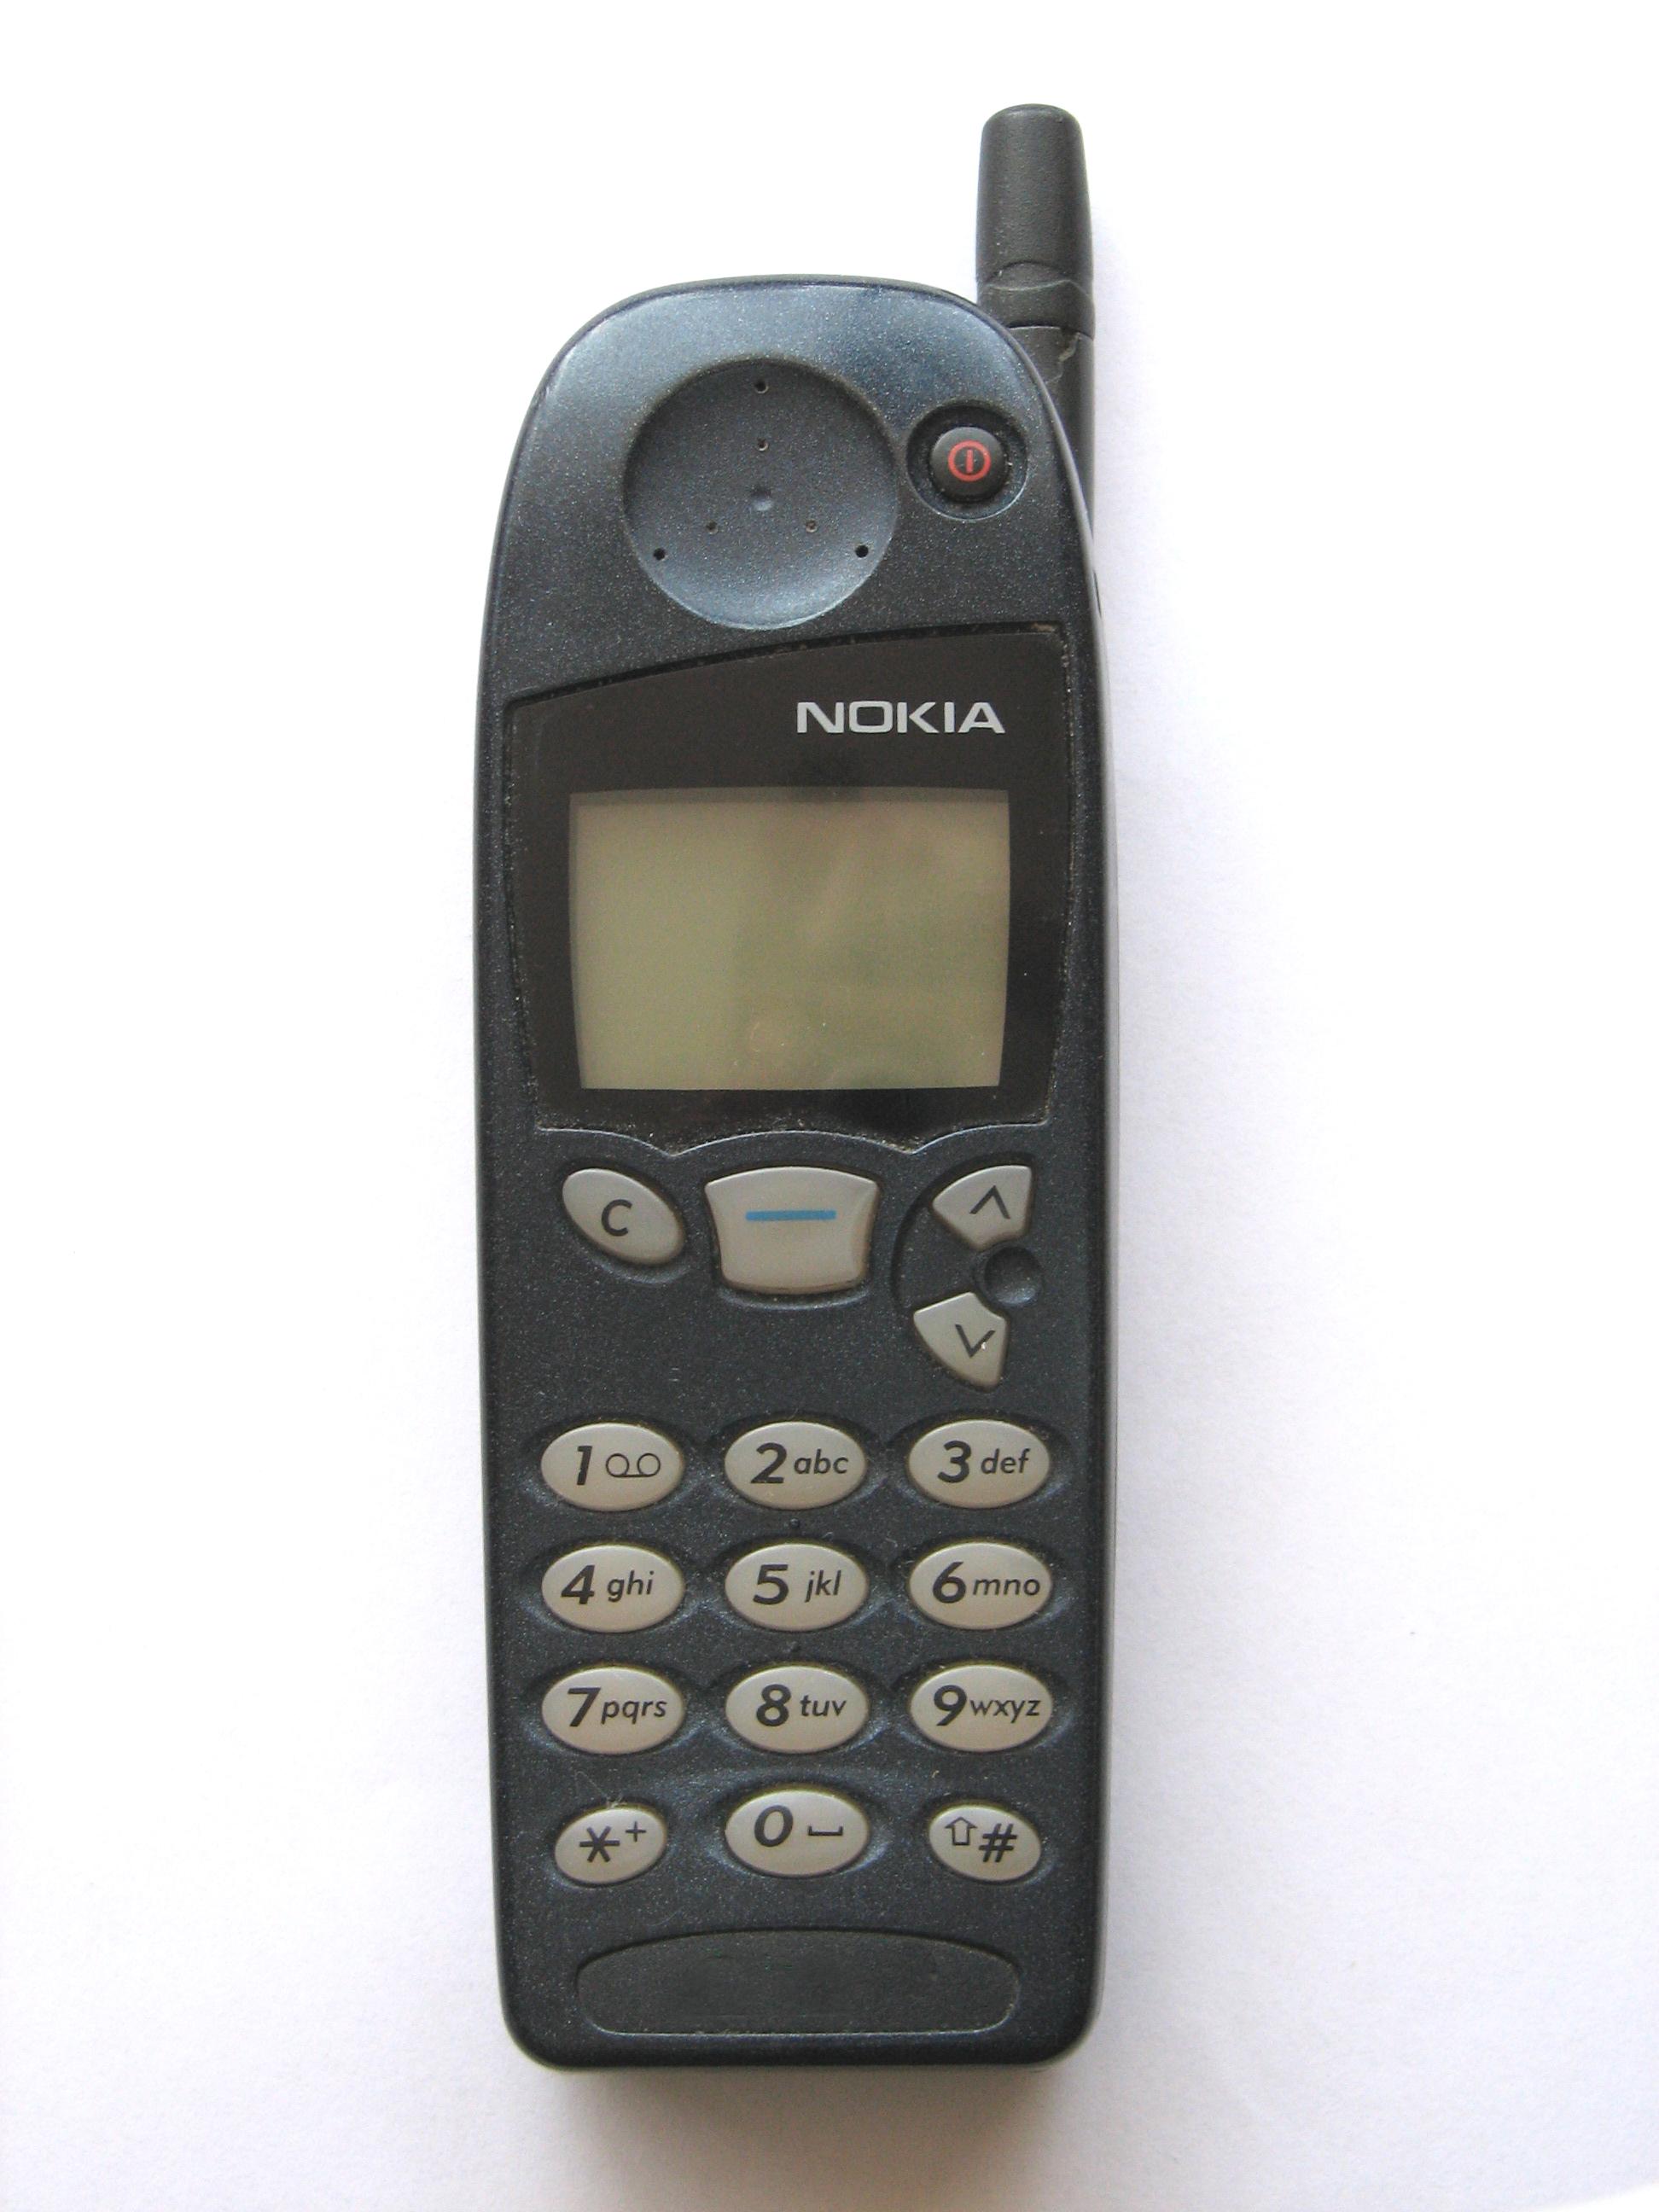 Mans pirmais mobilais telefons, vai kādi telefoni man ir bijuši - Page 2 Nokia_5110